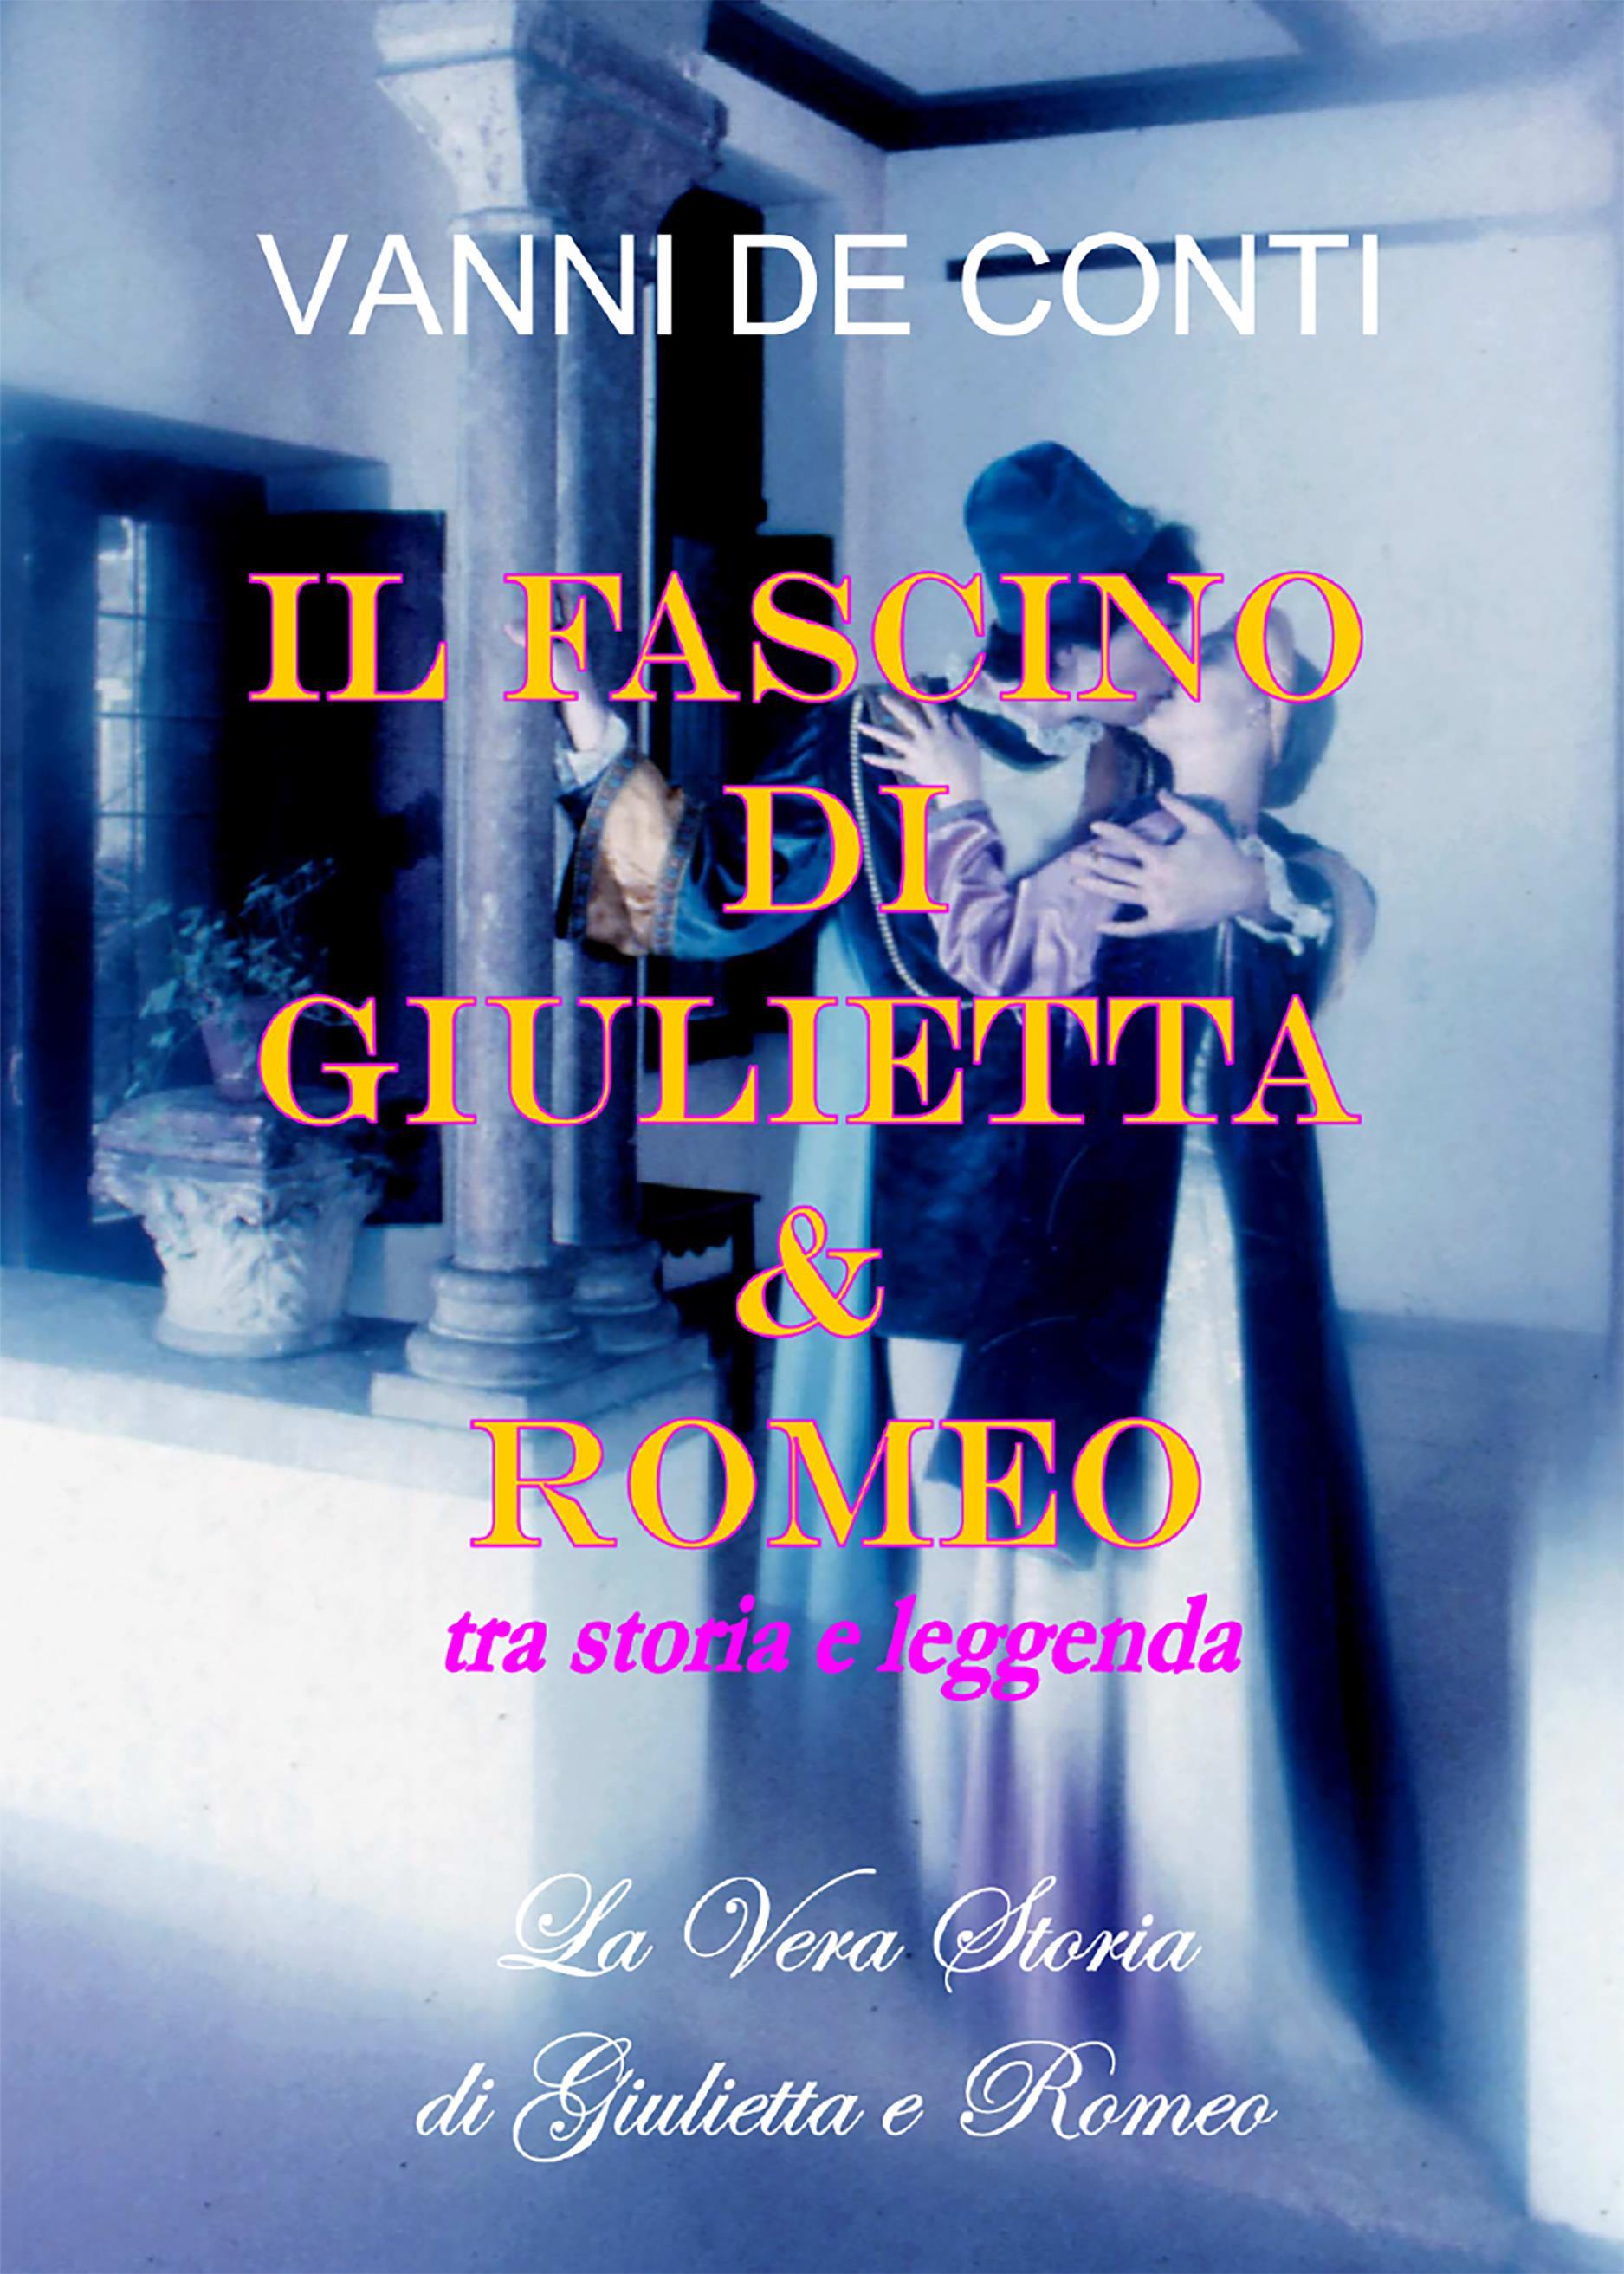 Il Fascino di Giulietta e Romeo tra storia e leggenda